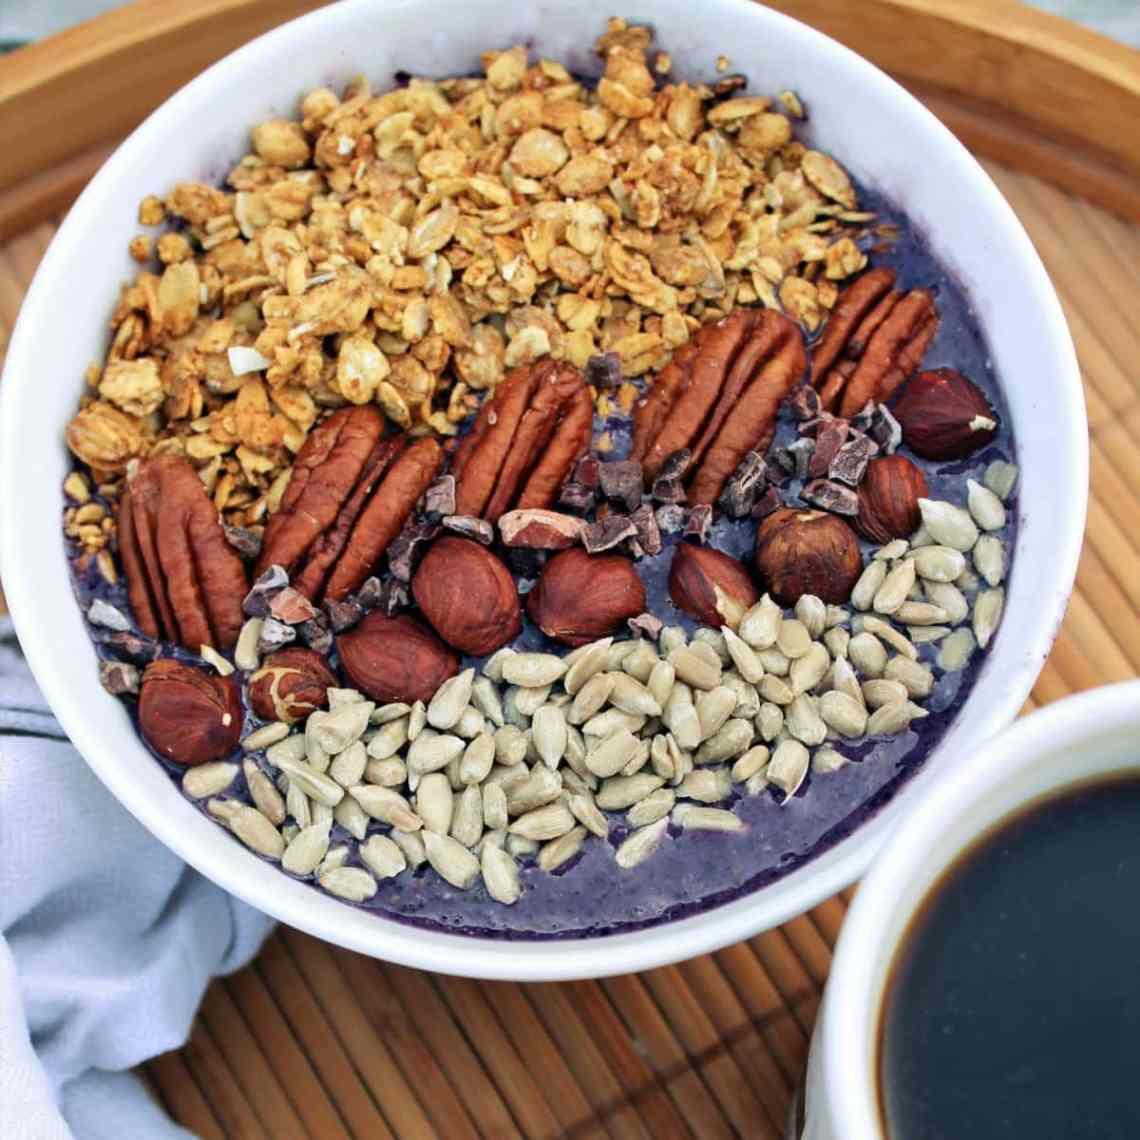 Jeg har fundet opskriften på den bedste blåbærsmoothie bowl, eller smoothie, sødet med dadler. Du kan lave en velsmagende blåbærsmoothie eller smoothie bowl med lækker topping, om morgenen - en morgenmad du også kan ta' med. Du kan også lave smoothien som snack eller som en sundere dessert, toppet med alt muligt lækkert. Nyd den med god samvittighed, for din blåbærsmoothie er fyldt med gode sager. Find opskriften, gratis print og inspiration til årets gang på danishthings.com